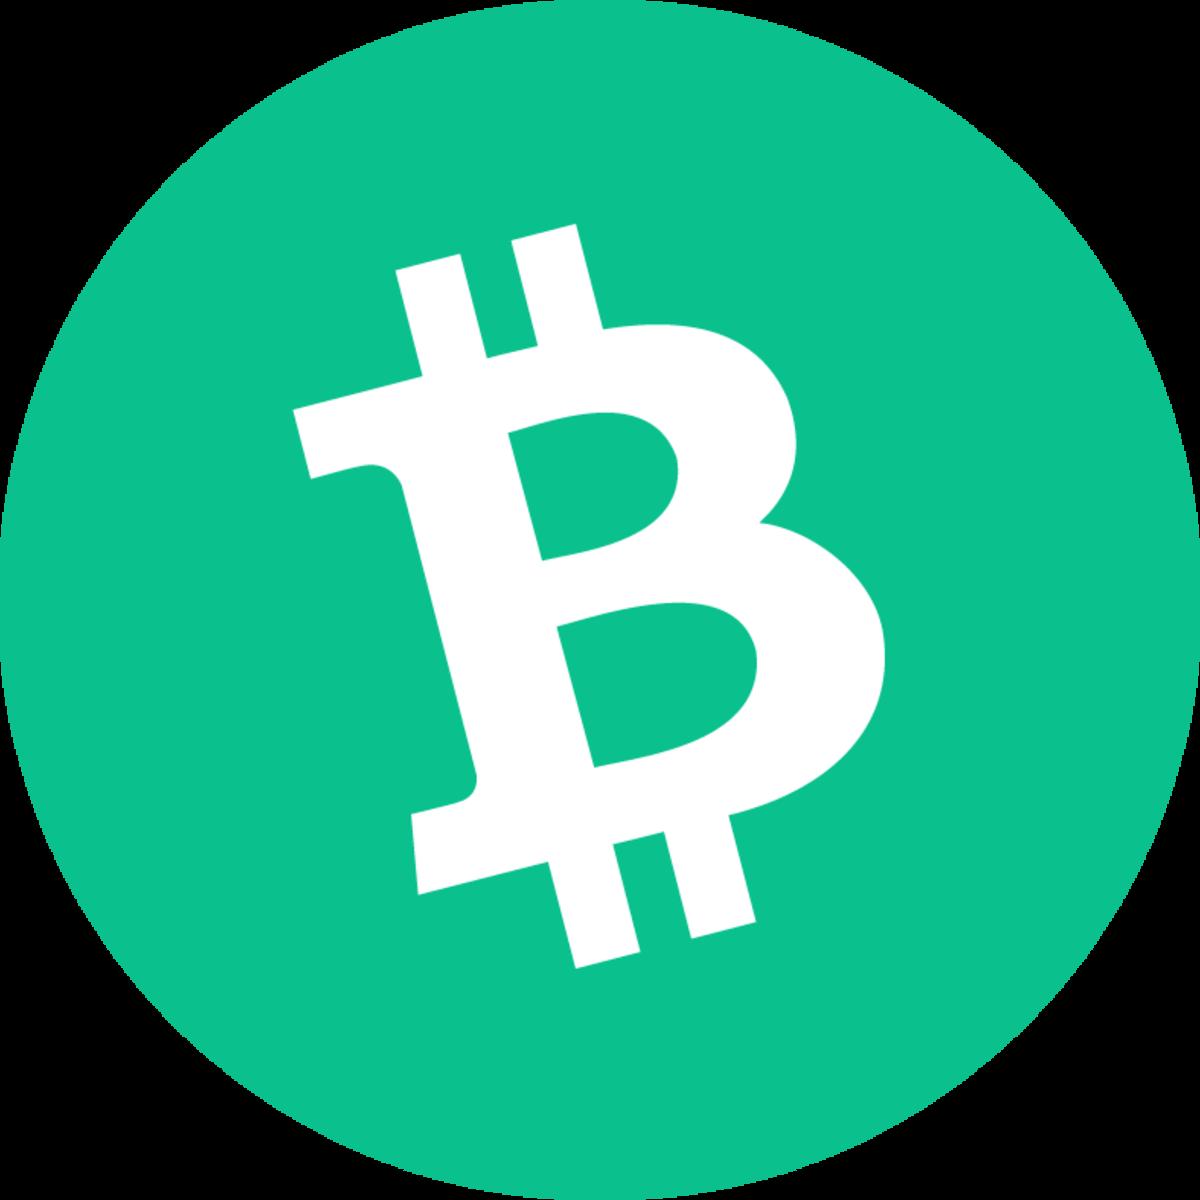 hogyan lehet megtalálni a bitcoin bányászt woodies cci mutató bináris opciókhoz